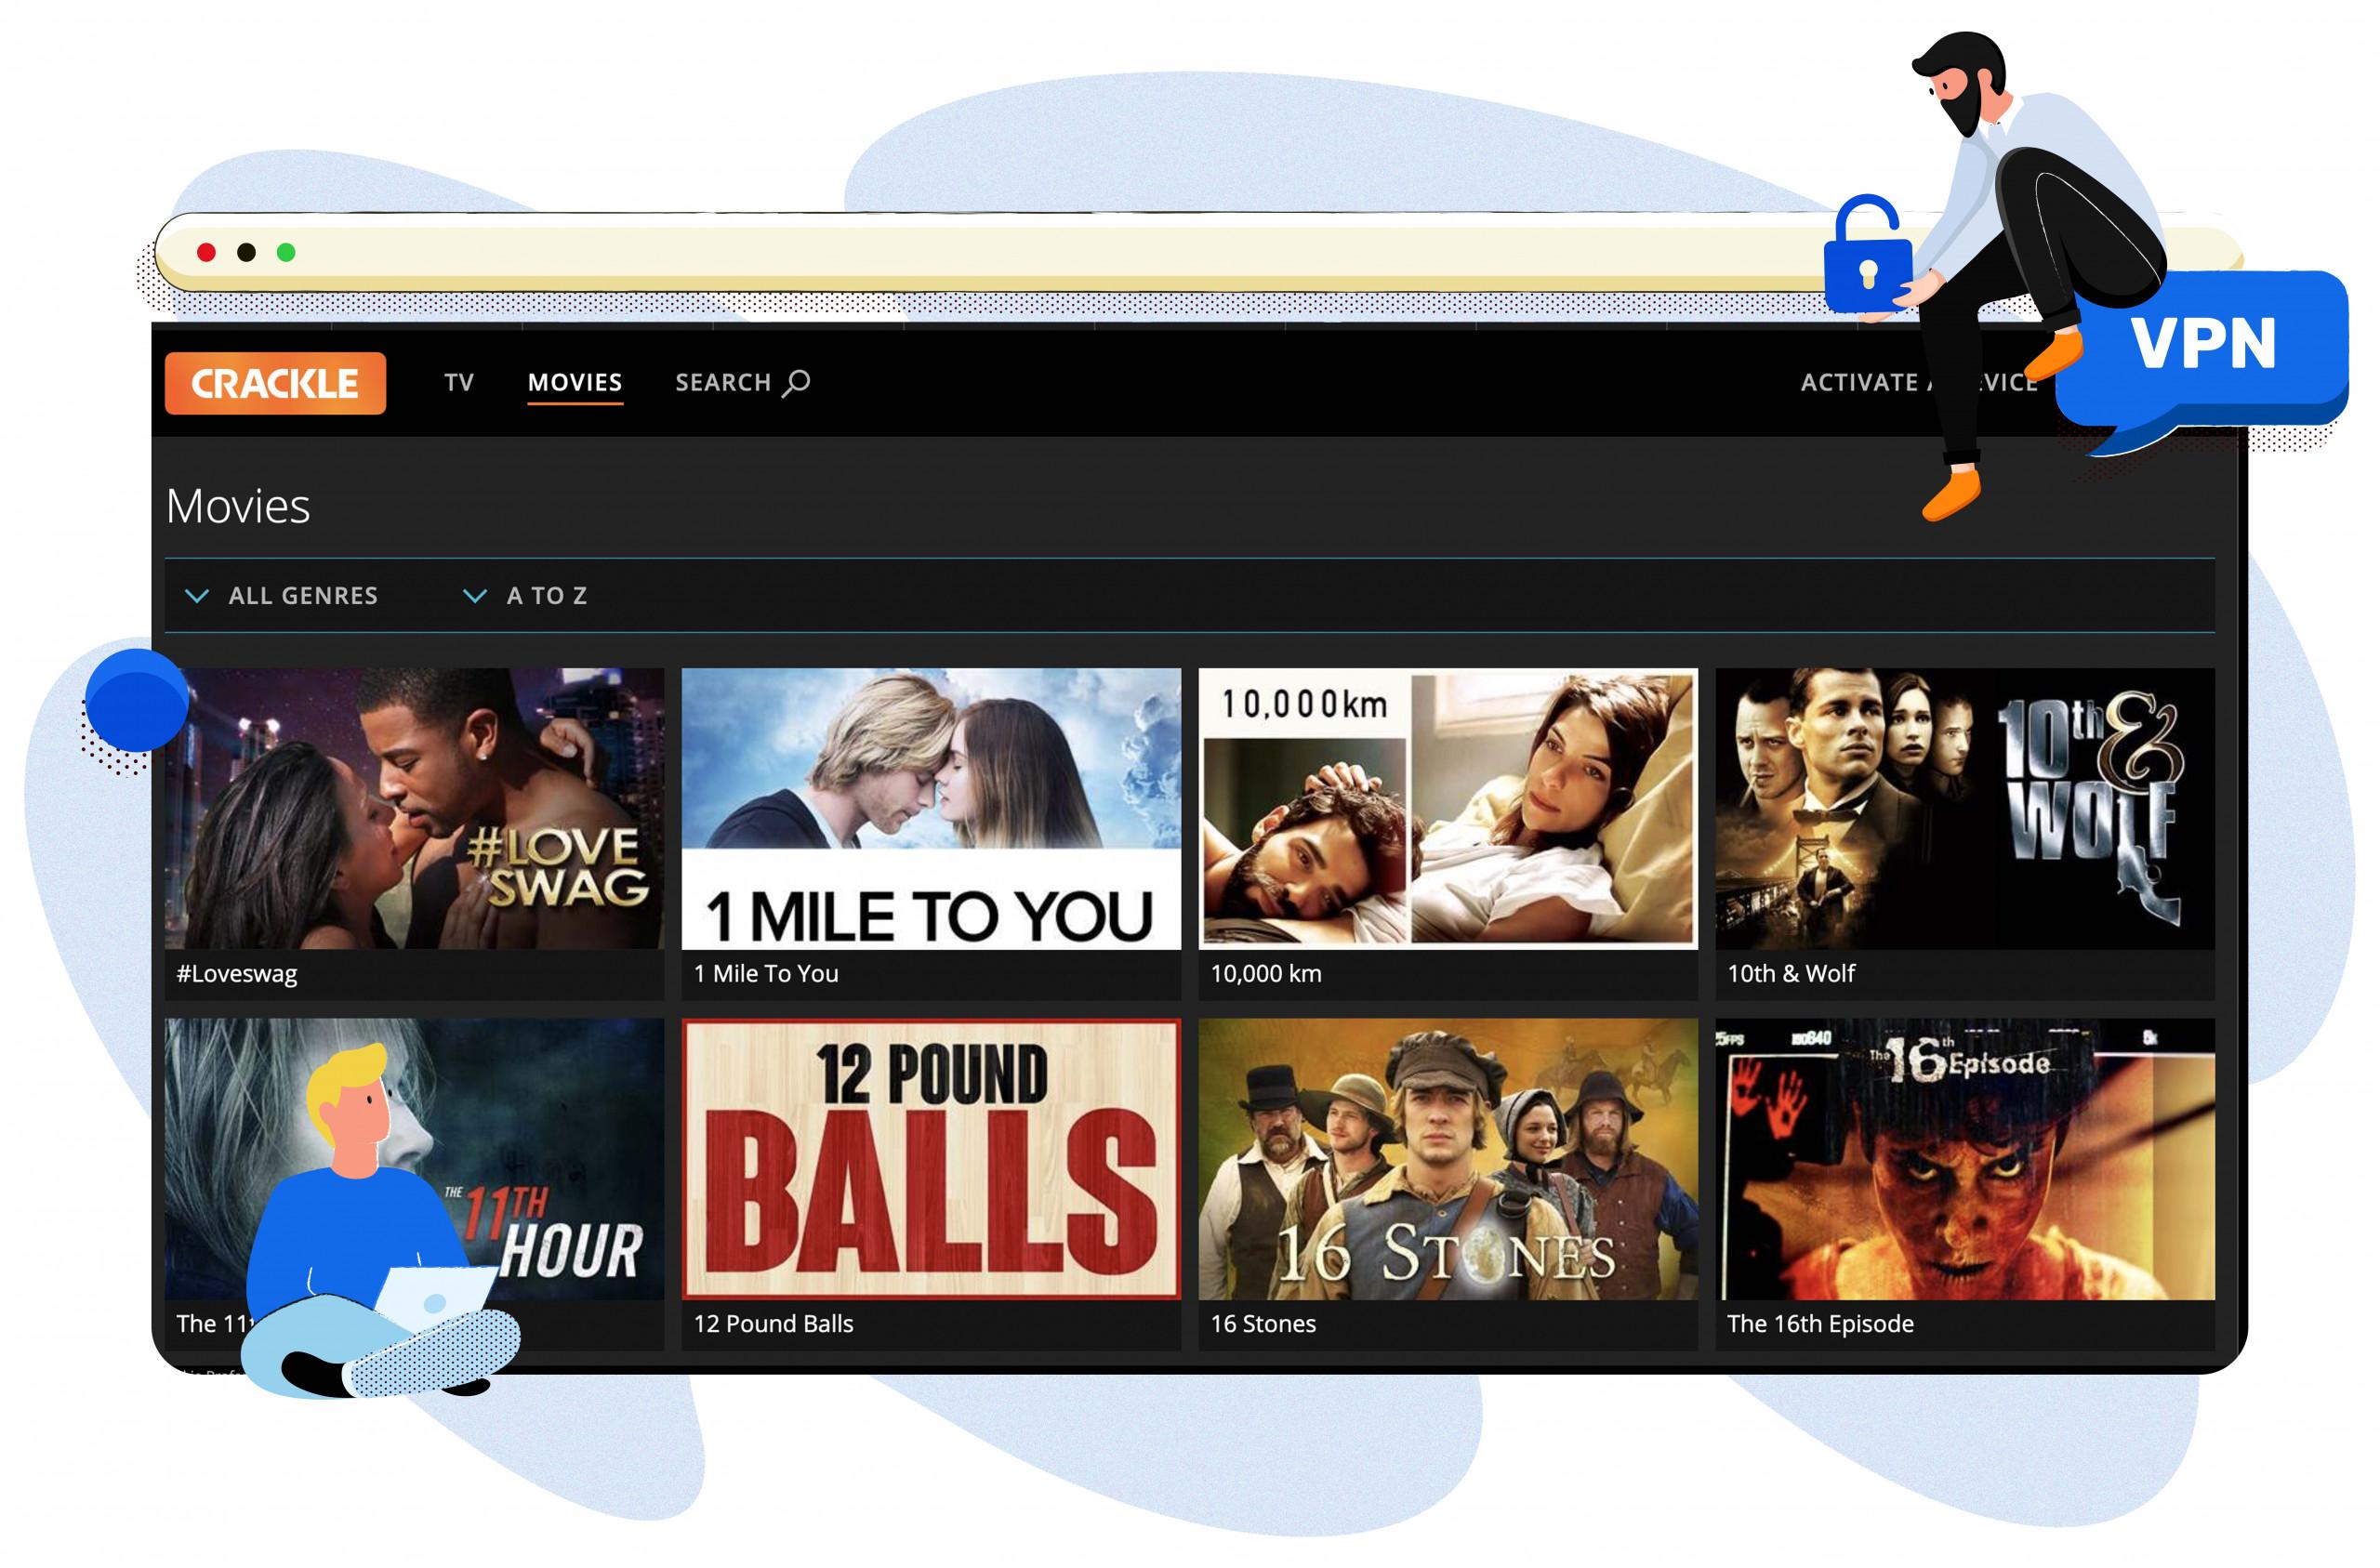 Filmek széles választékát streamelheted a Crackle-en